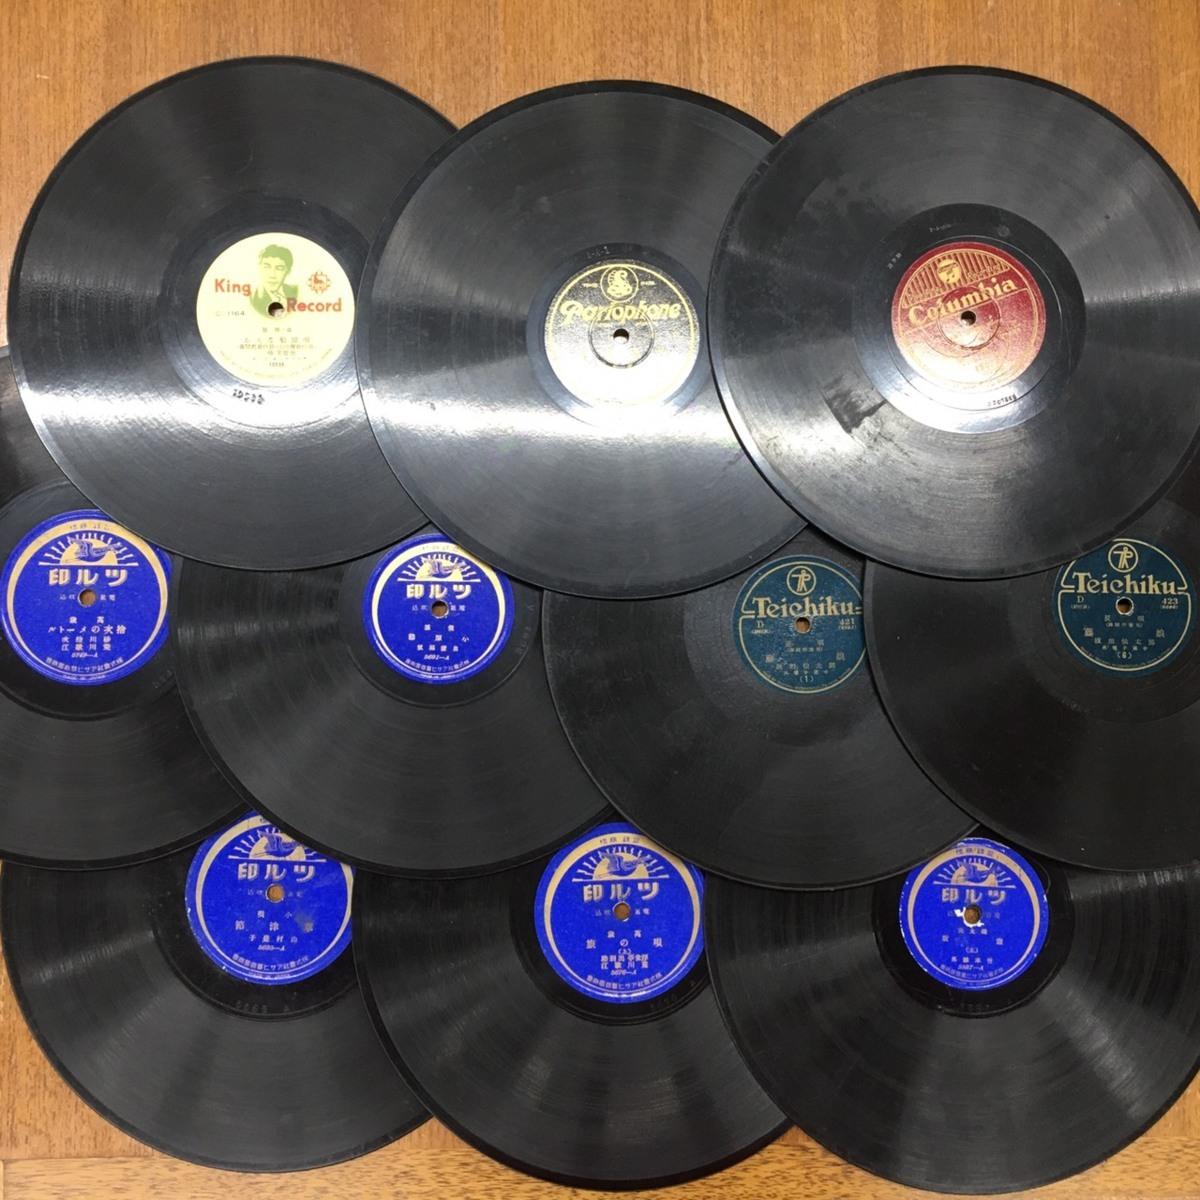 ■ジャンク SPレコード 色々混在30枚セット /中古品 Ж■_画像3